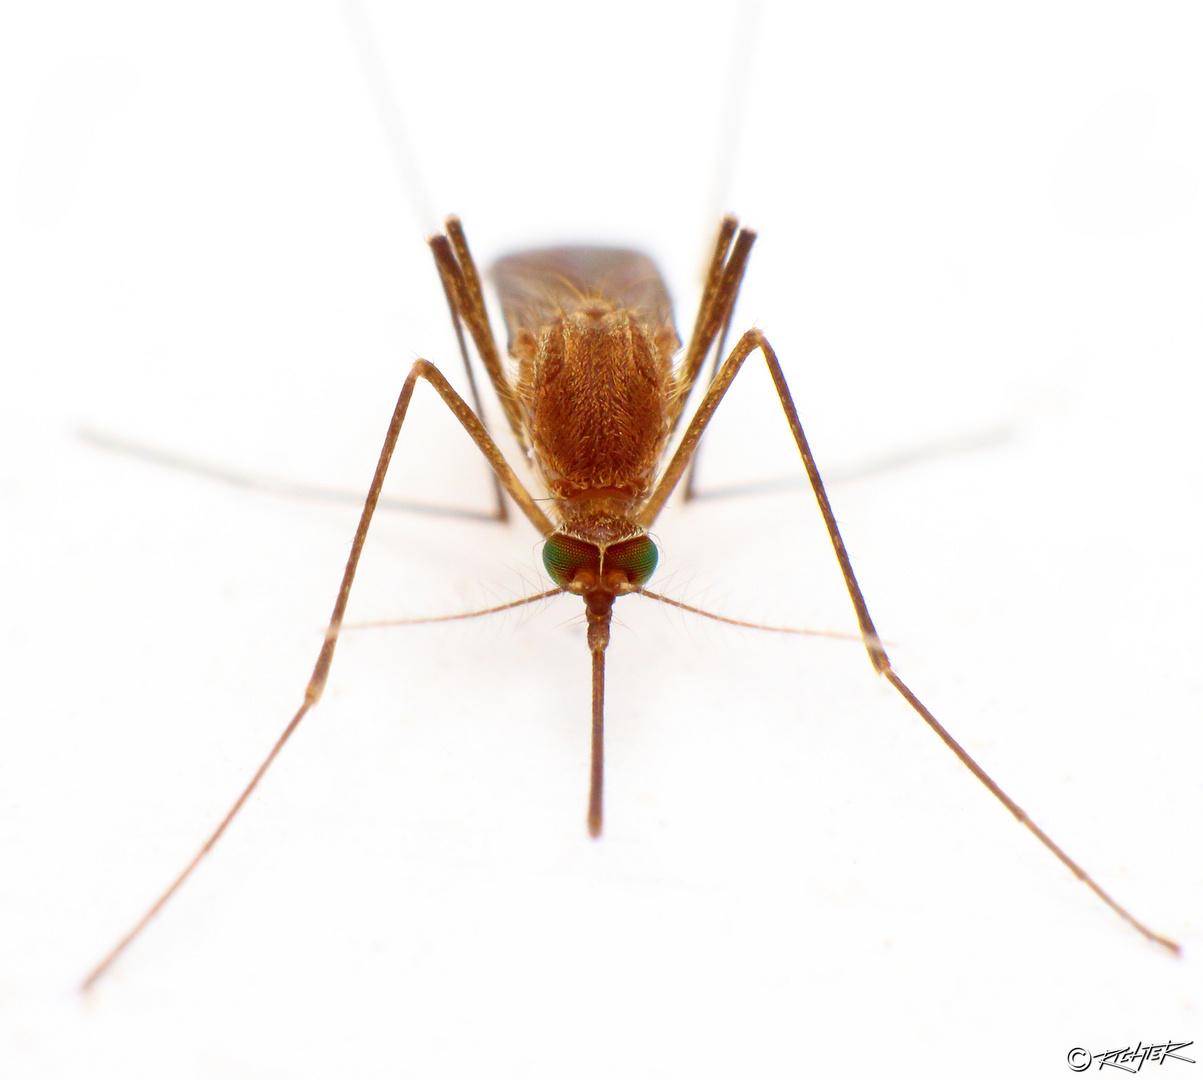 ... Stechmückenporträt ...